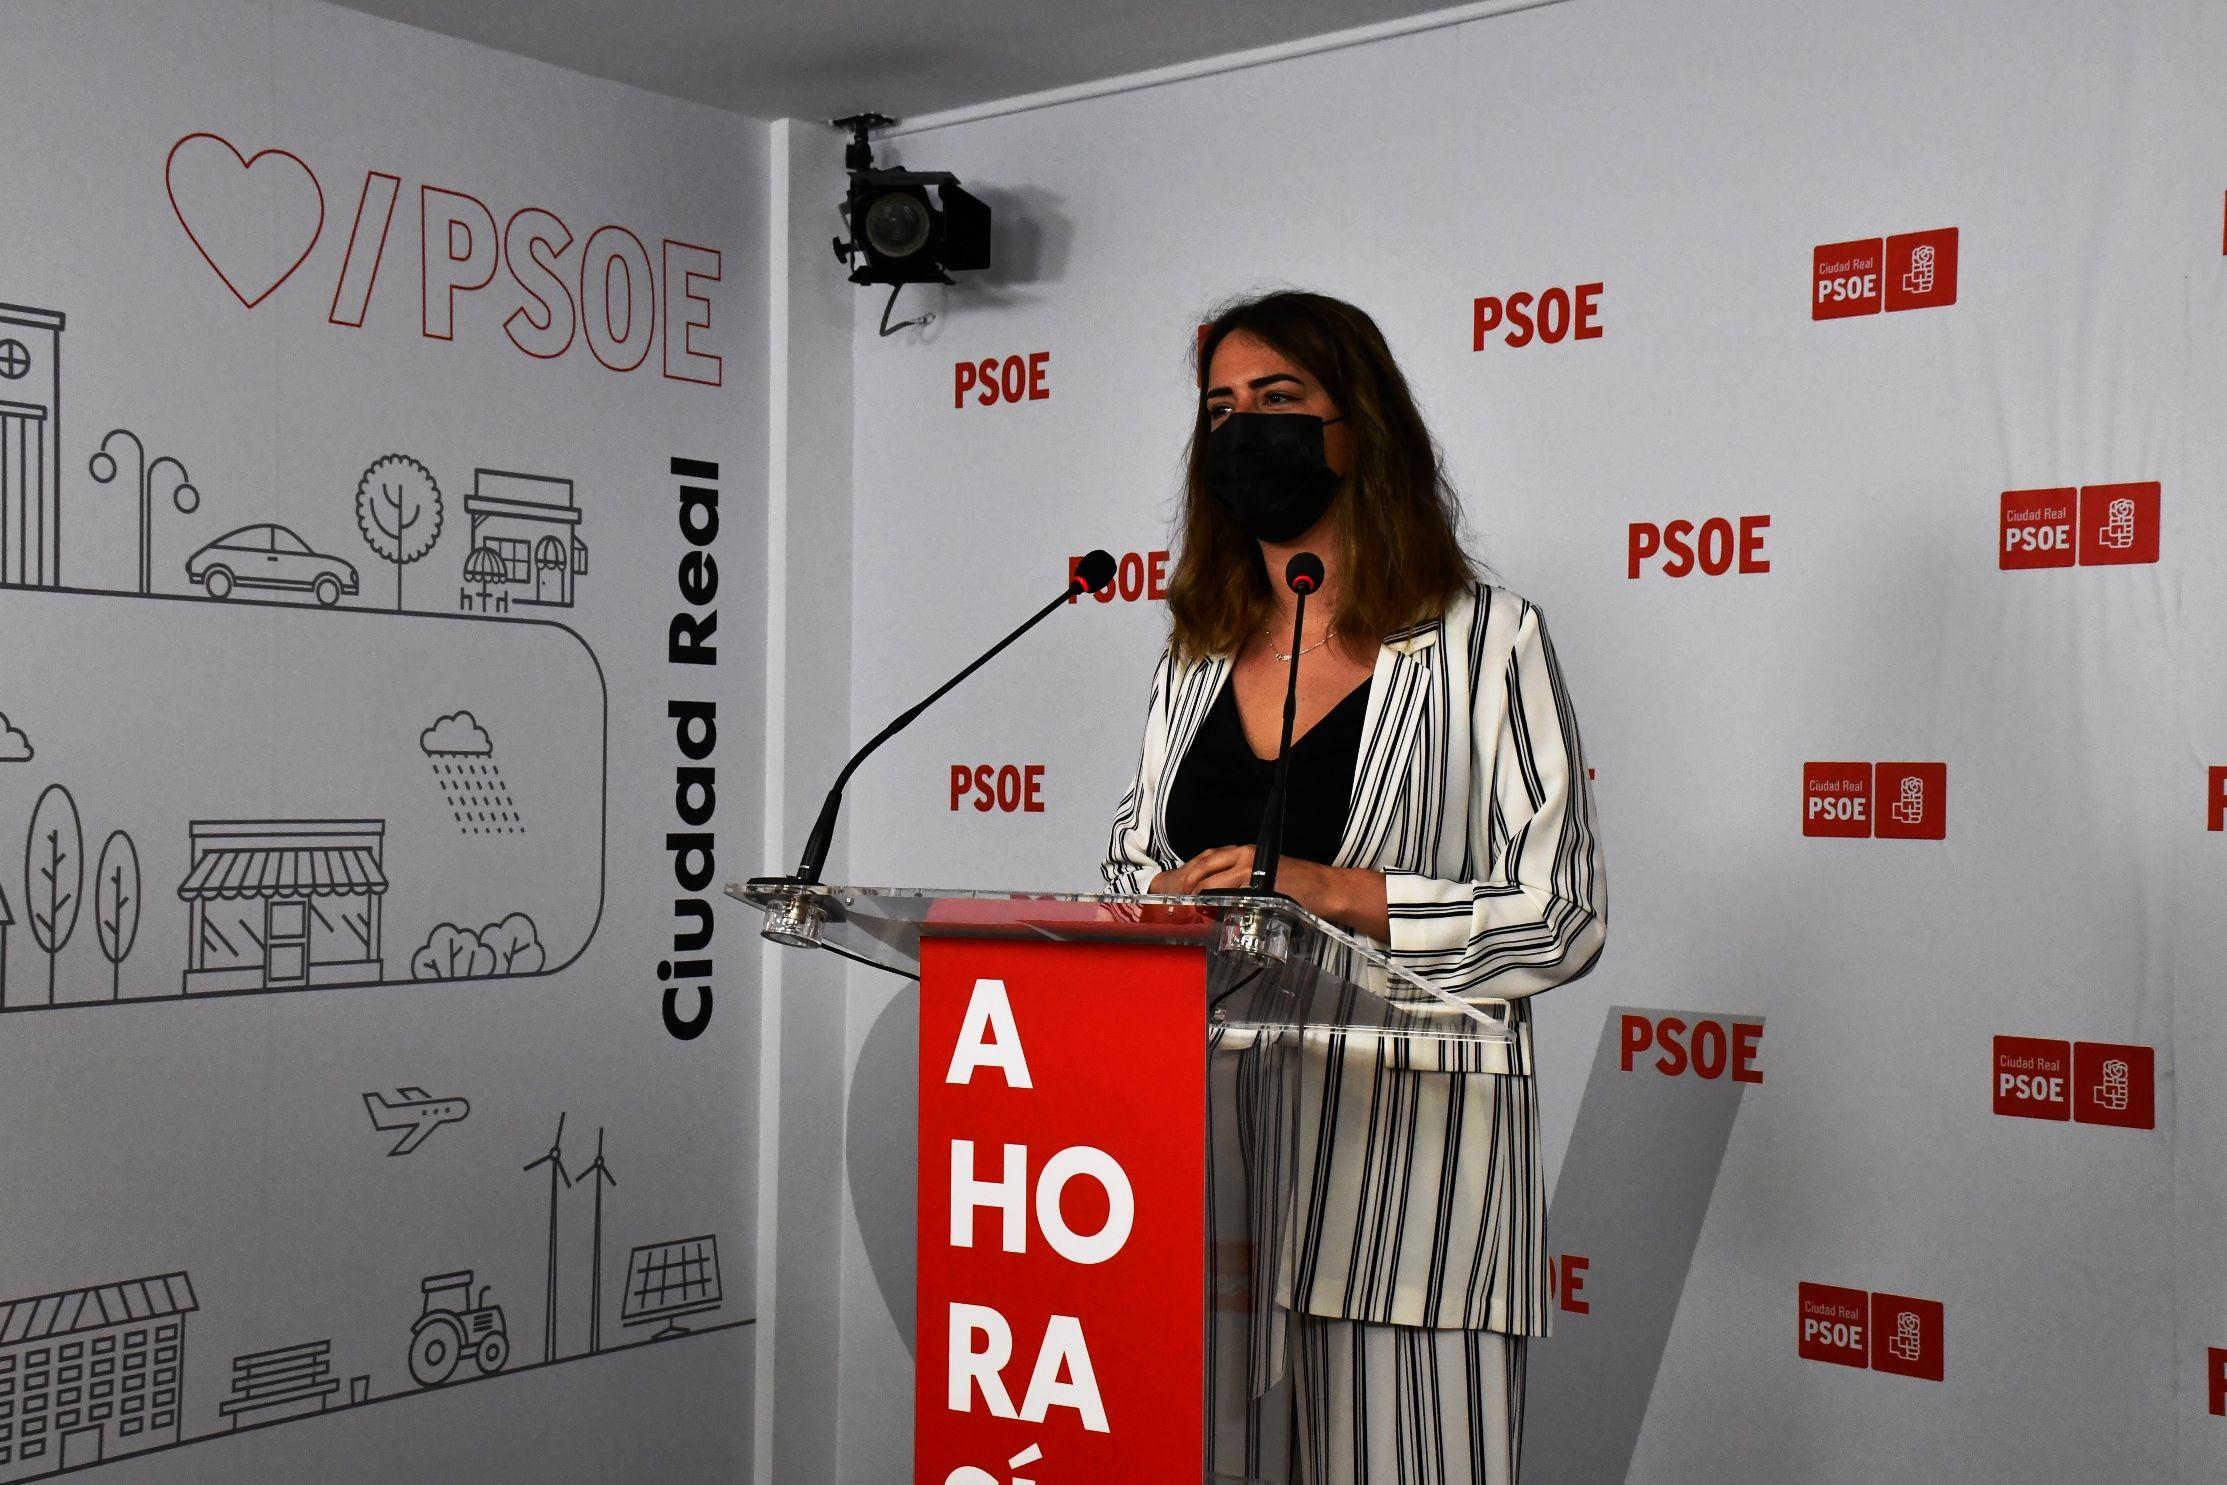 El PSOE celebra que el Gobierno de España efectúe una quinta prórroga de los ERTES, y la adjudicación de las obras de los Juzgados de Puertollano y Manzanares